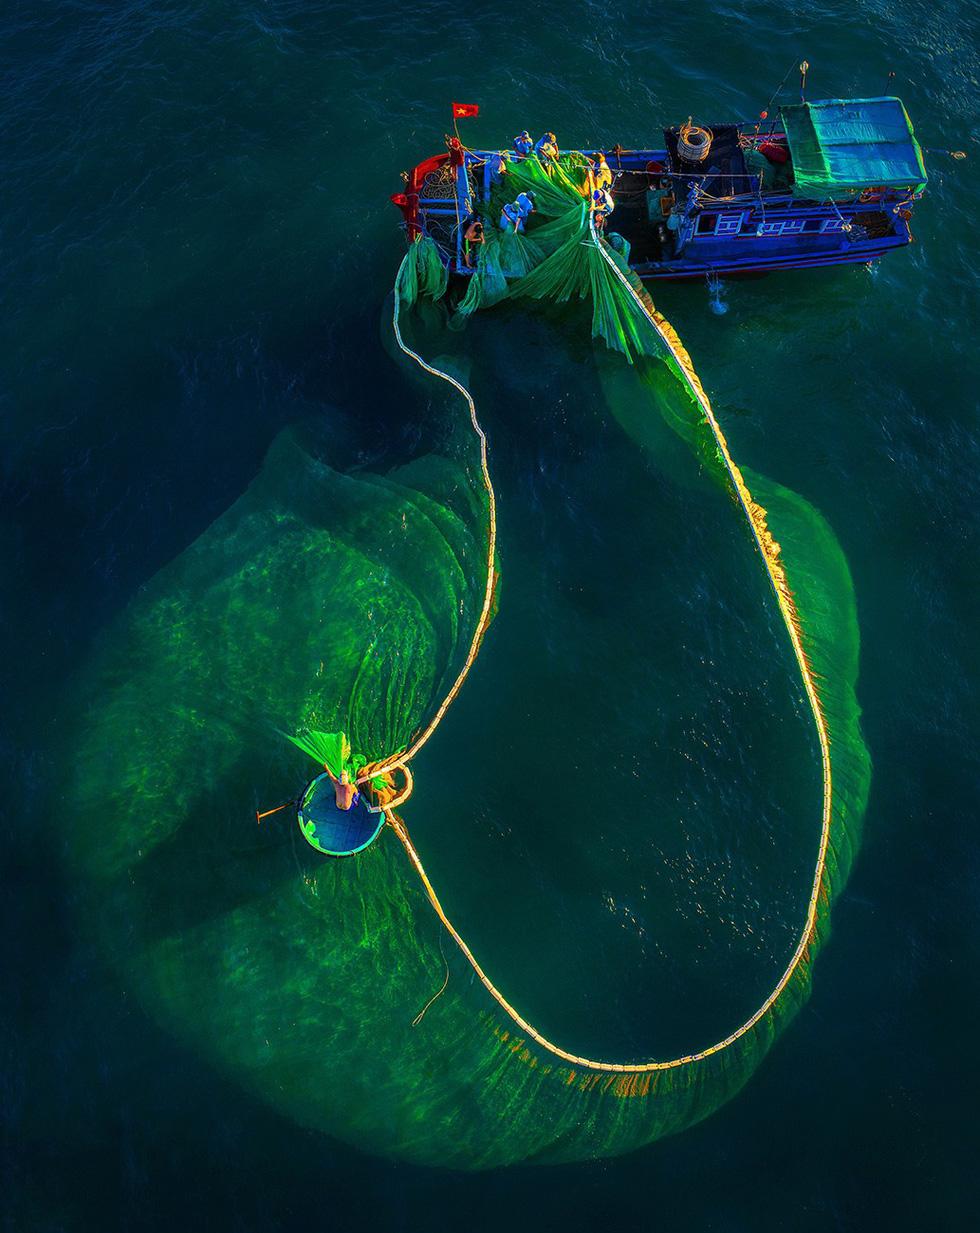 Vũ điệu ra khơi ở Hòn Yến mùa săn cá cơm ngần - Ảnh 4.